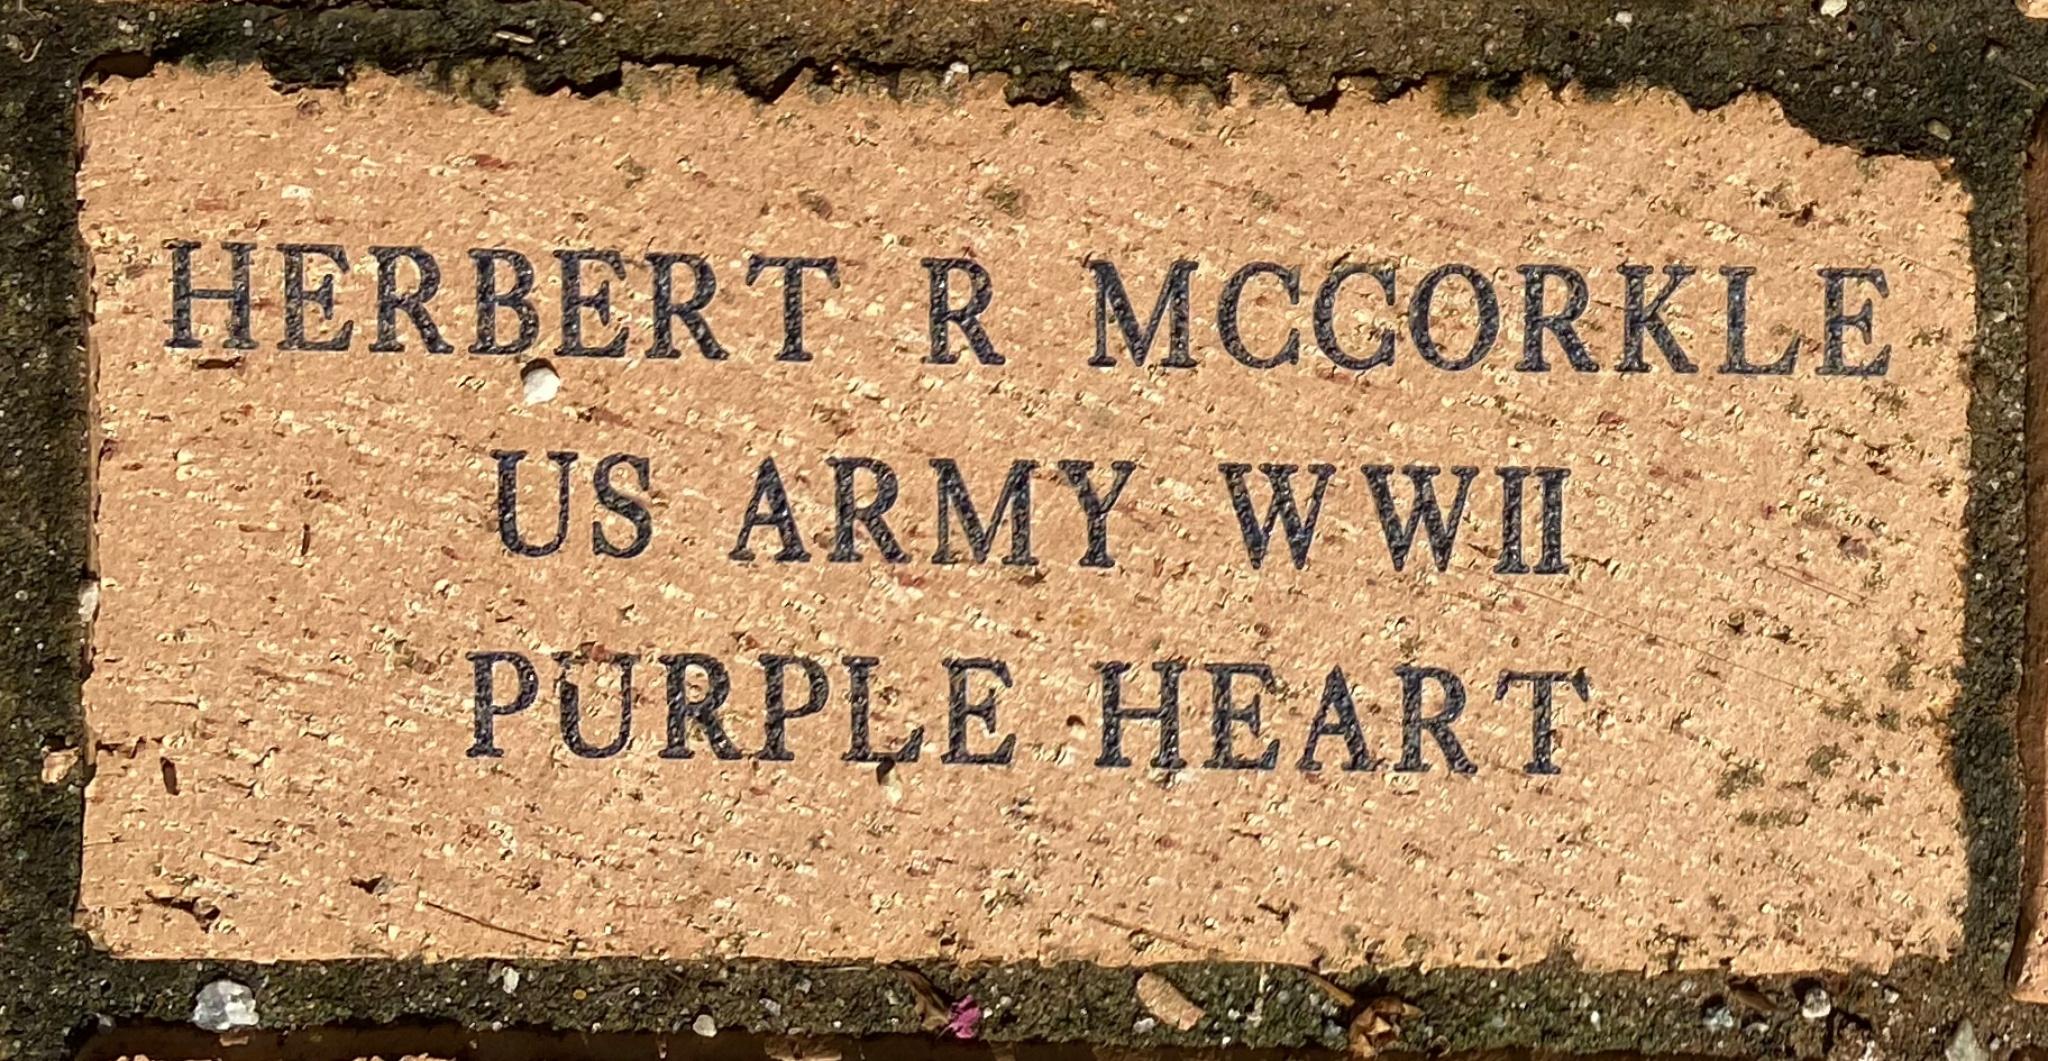 HERBERT R MCCORKLE US ARMY WWII PURPLE HEART